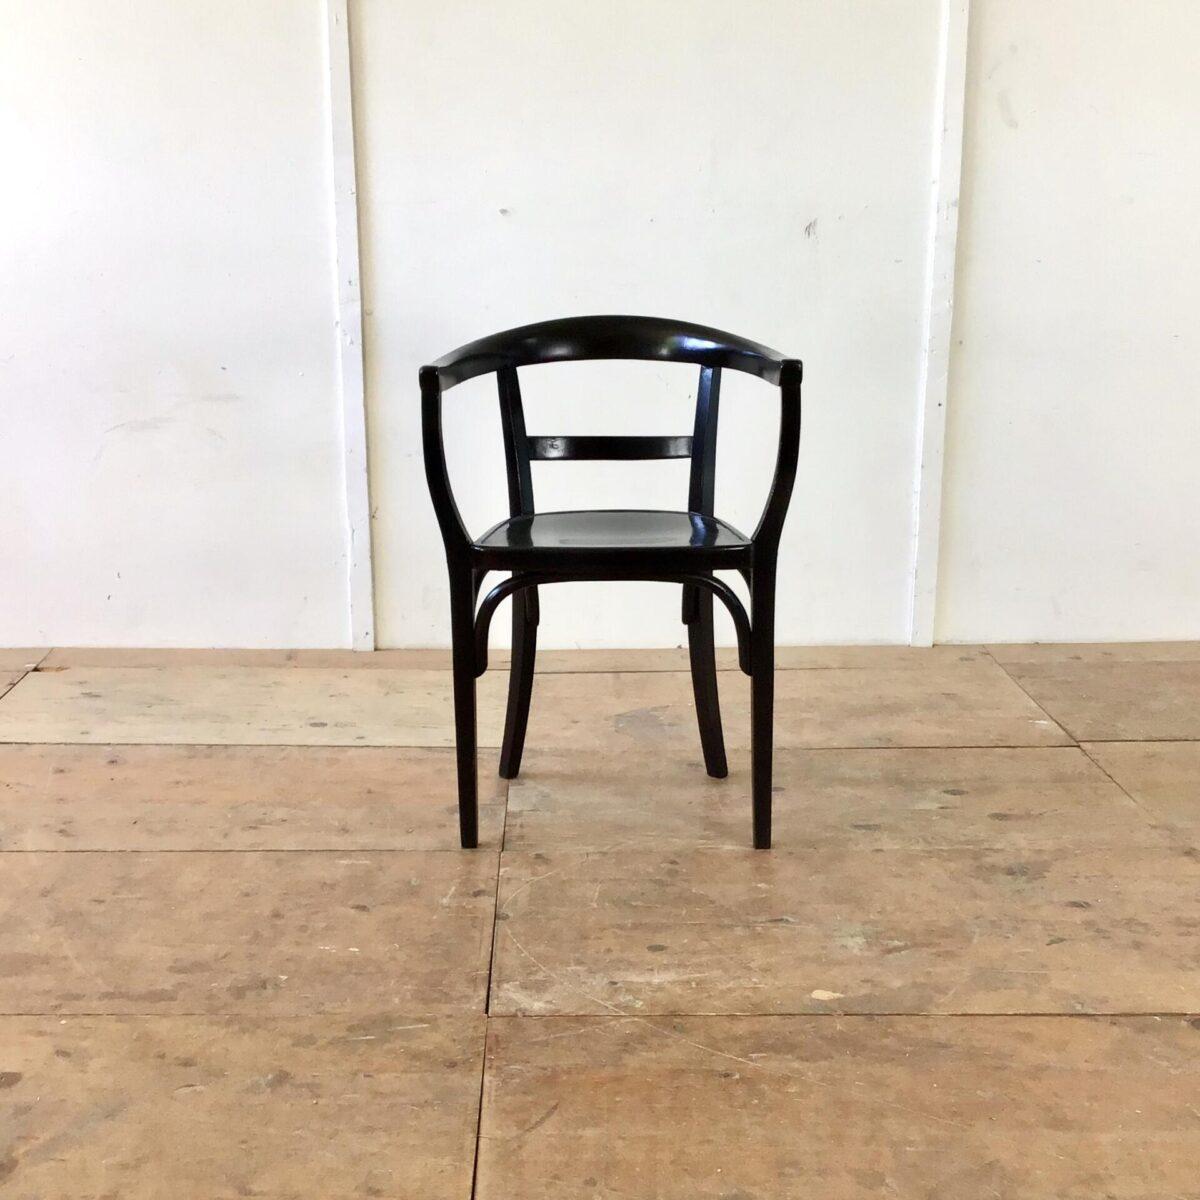 Zwei schwarze Armlehnstühle von Thonet. Die Farbe hat den einen oder anderen hick und Kratzer, aber allgemein in schönem stabilen Zustand.